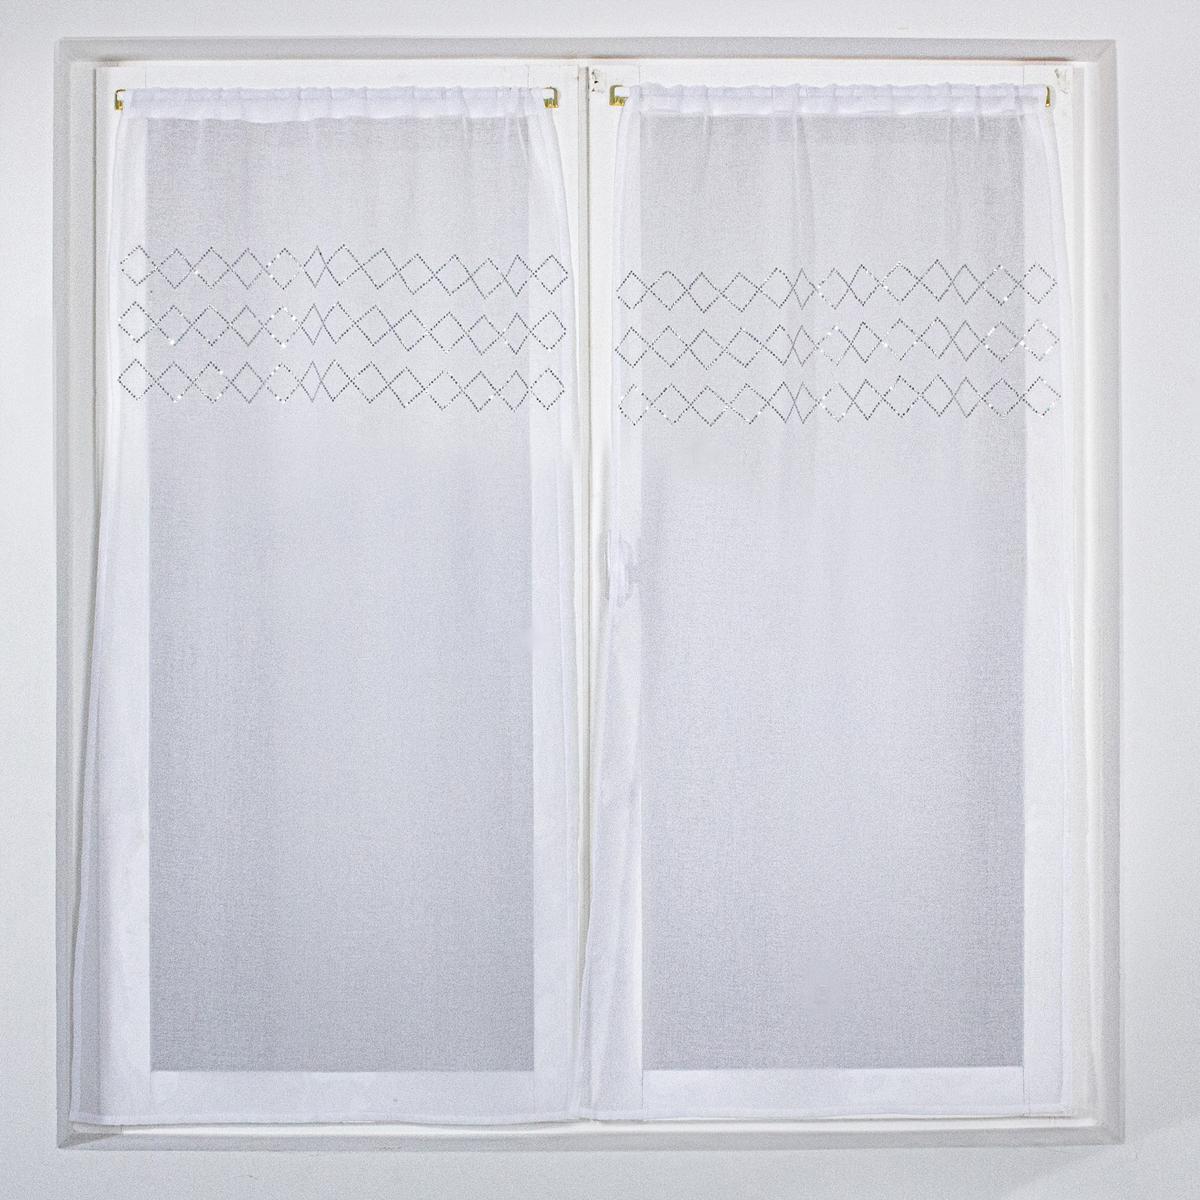 Paire de vitrages droits avec croisillons en strass (Blanc)